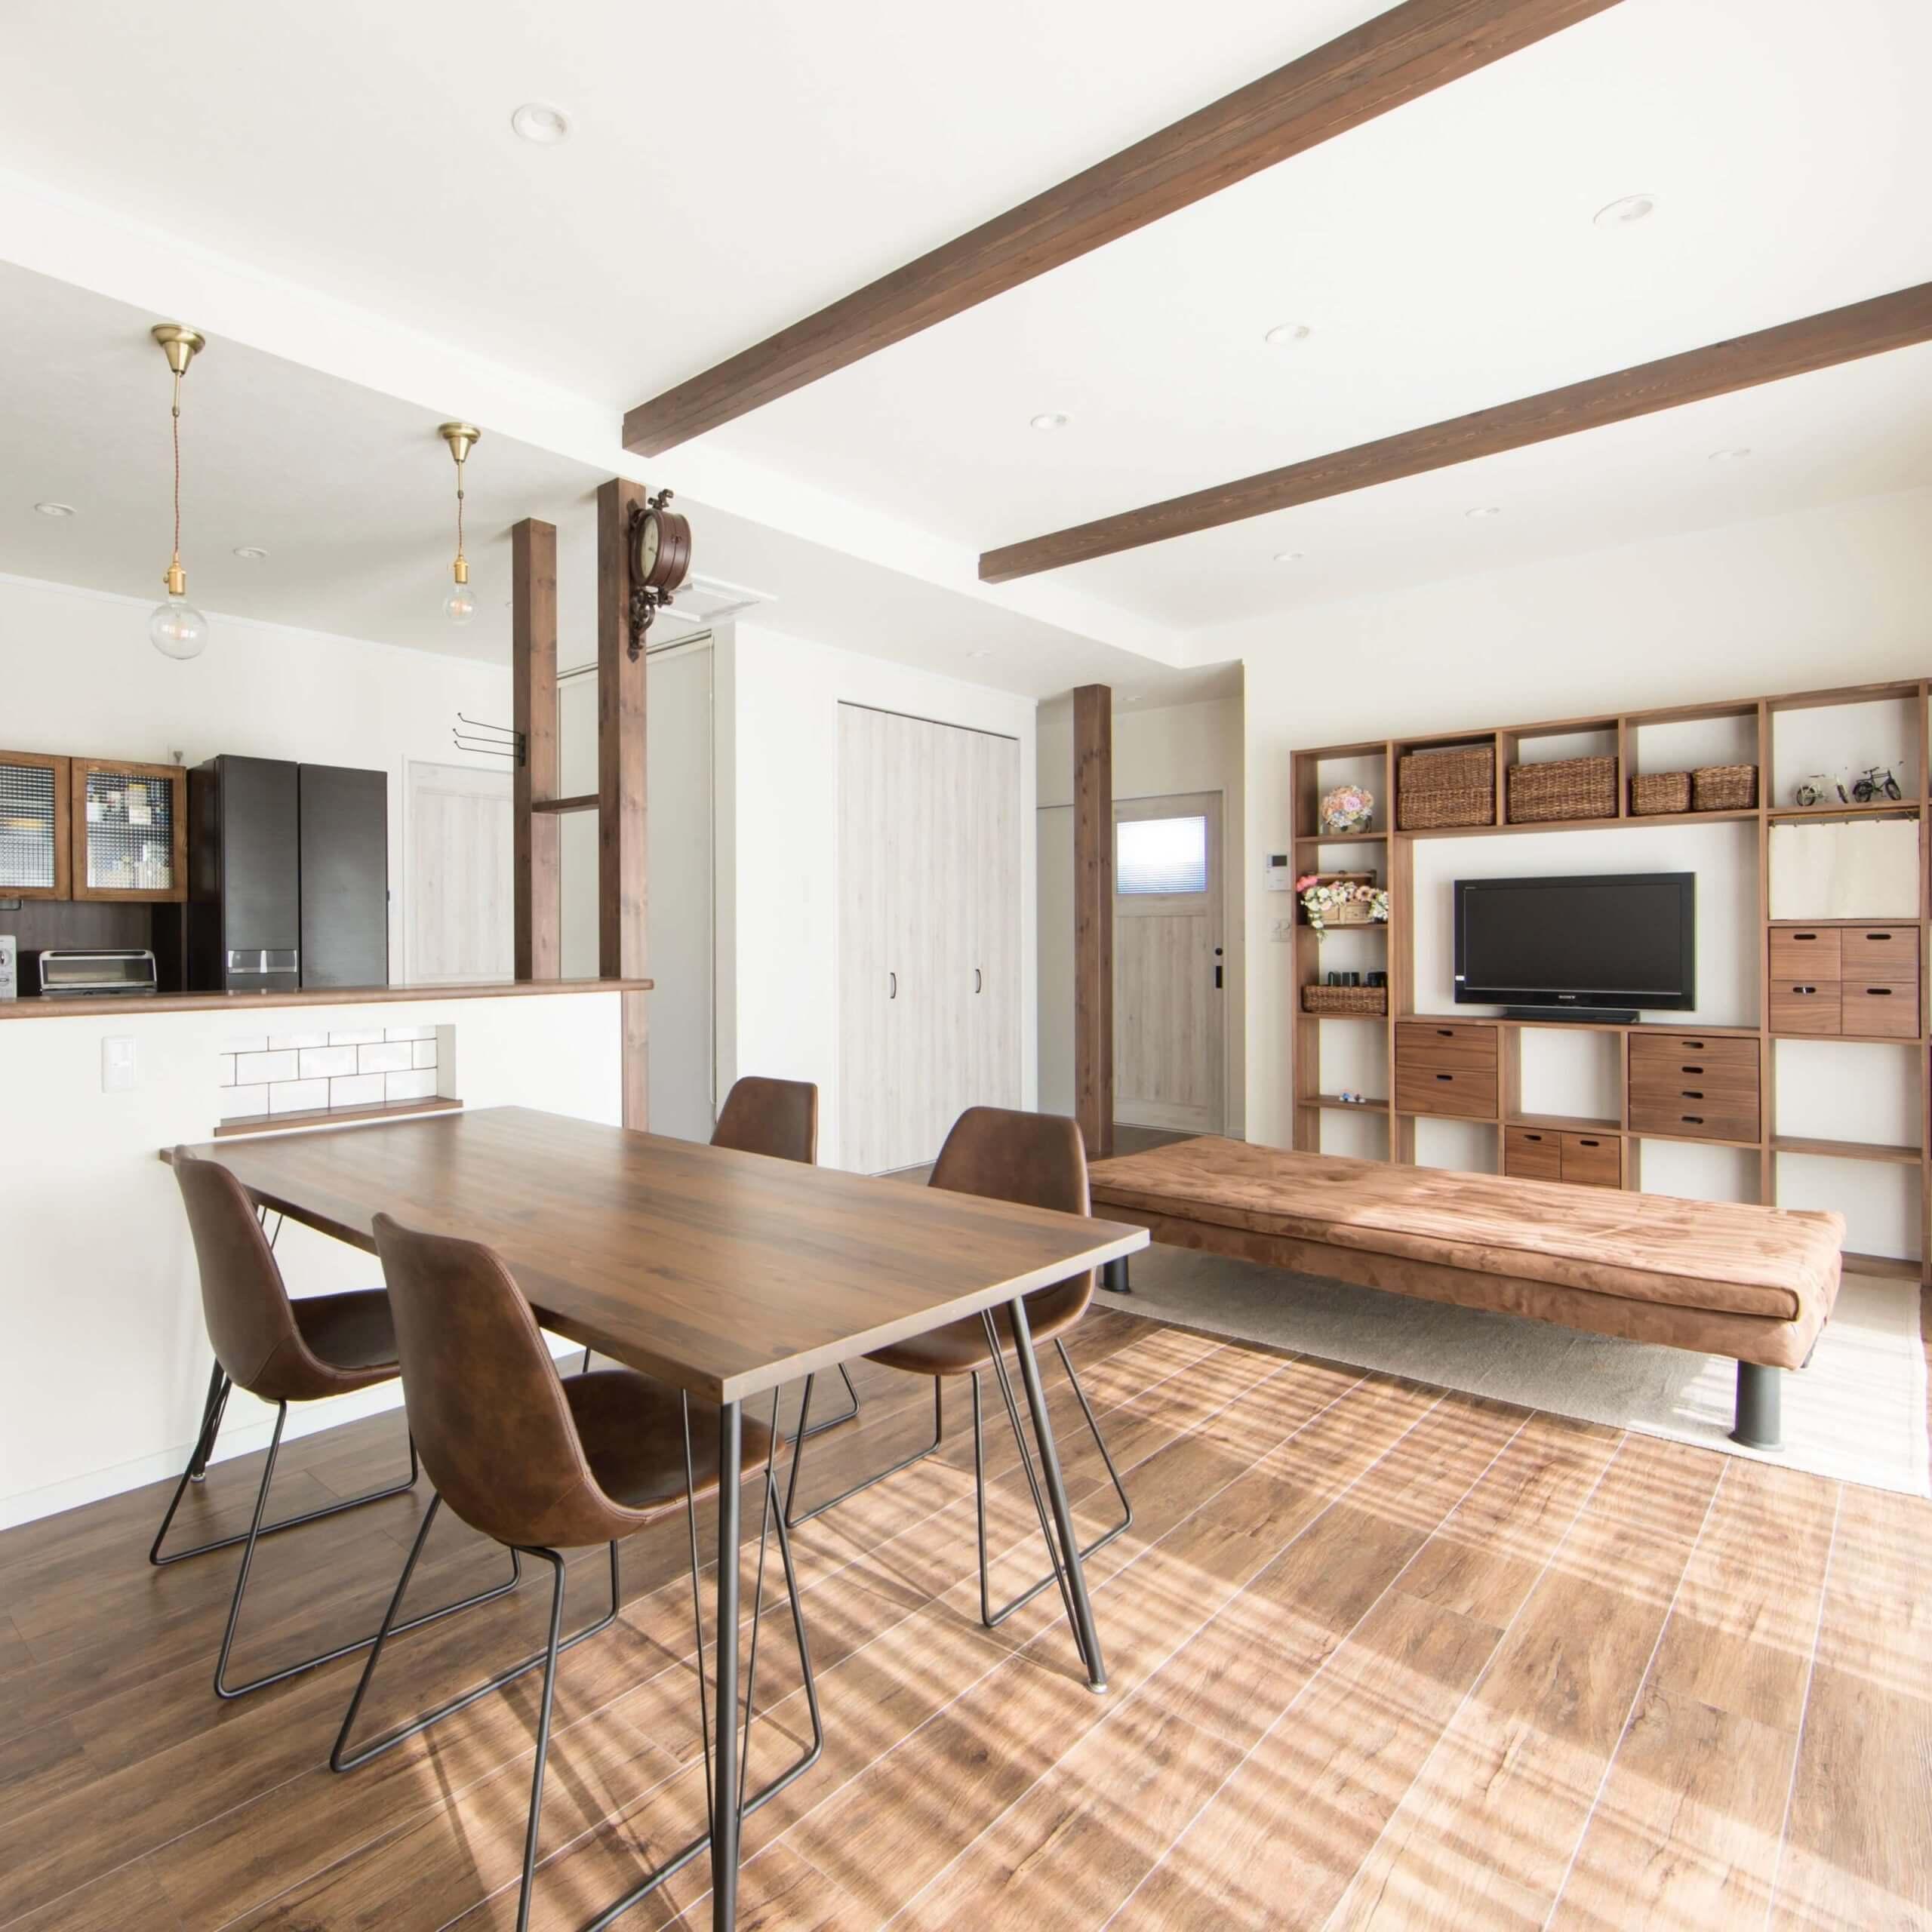 鹿沼市の注文住宅事例 家具